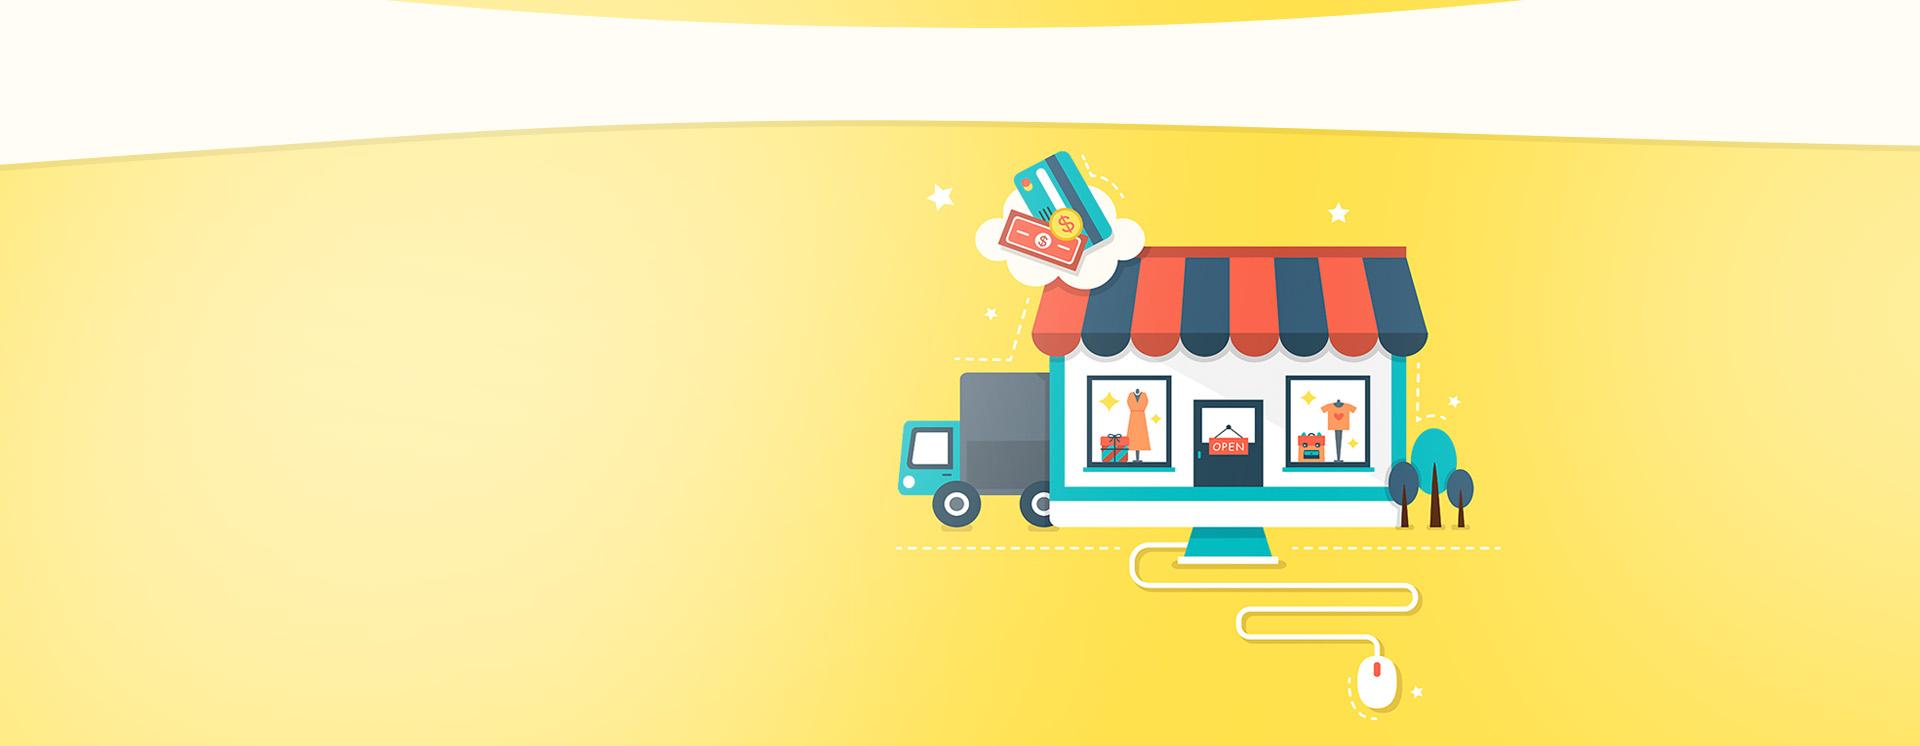 lojas-virtuais-banner